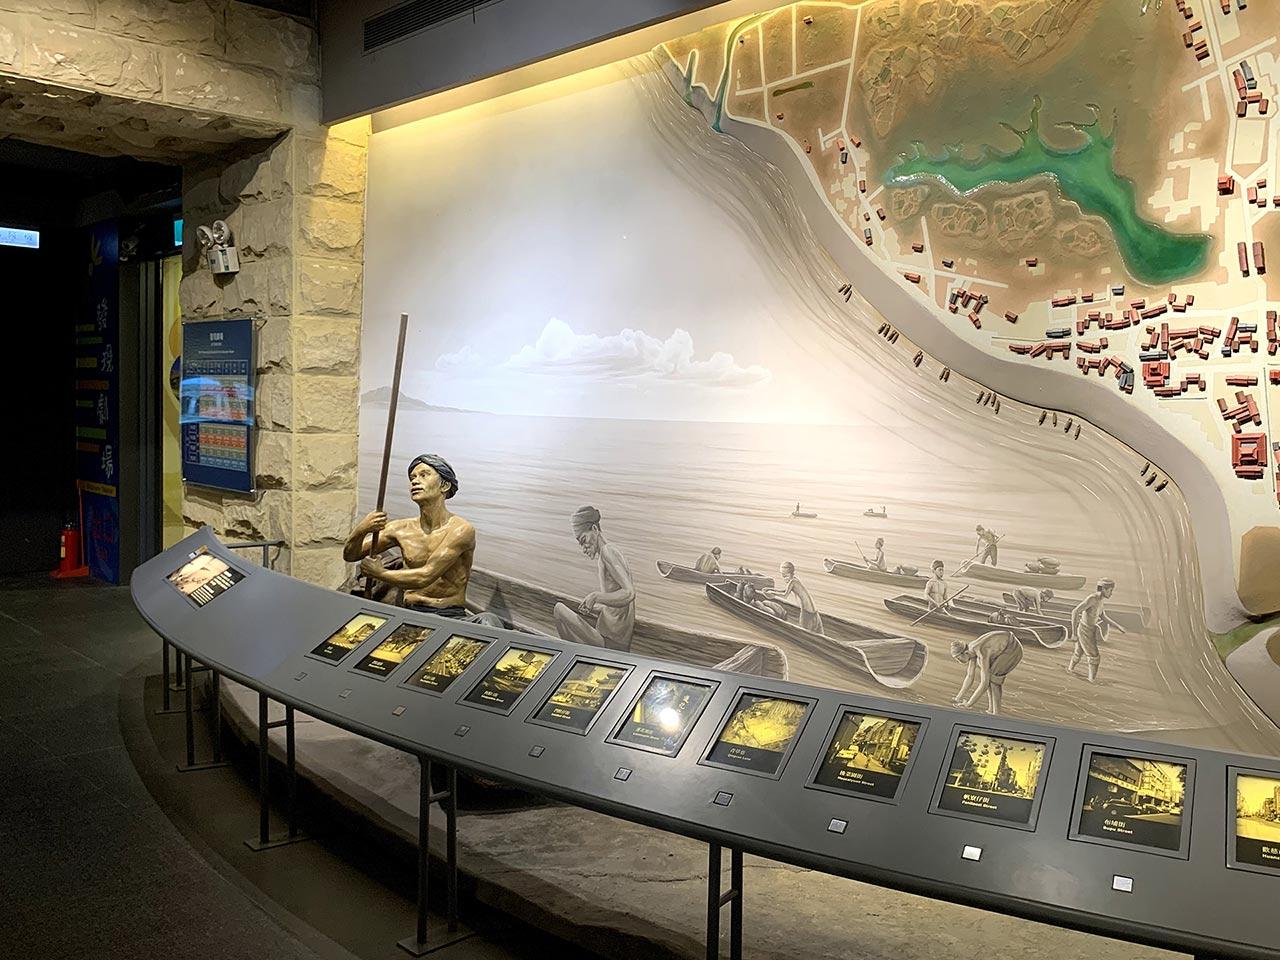 臺北探索館展示空間